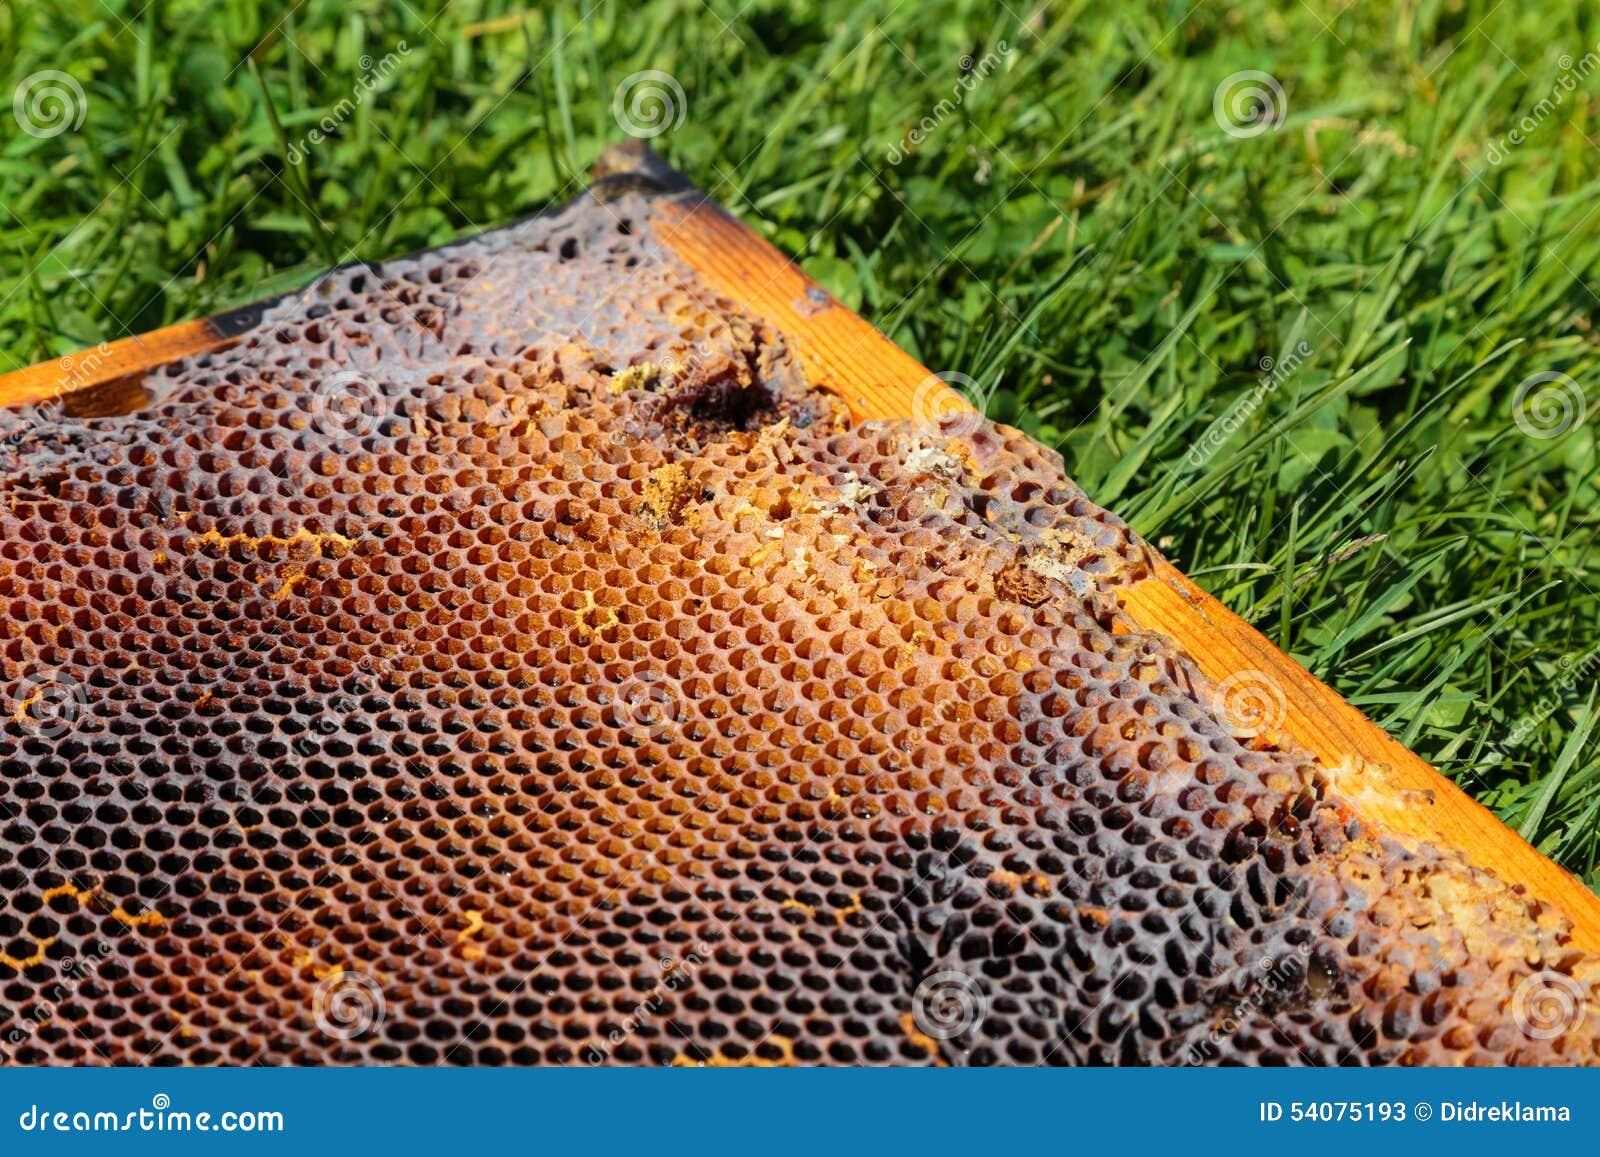 Beeld in close-up van een honingraat op een gras